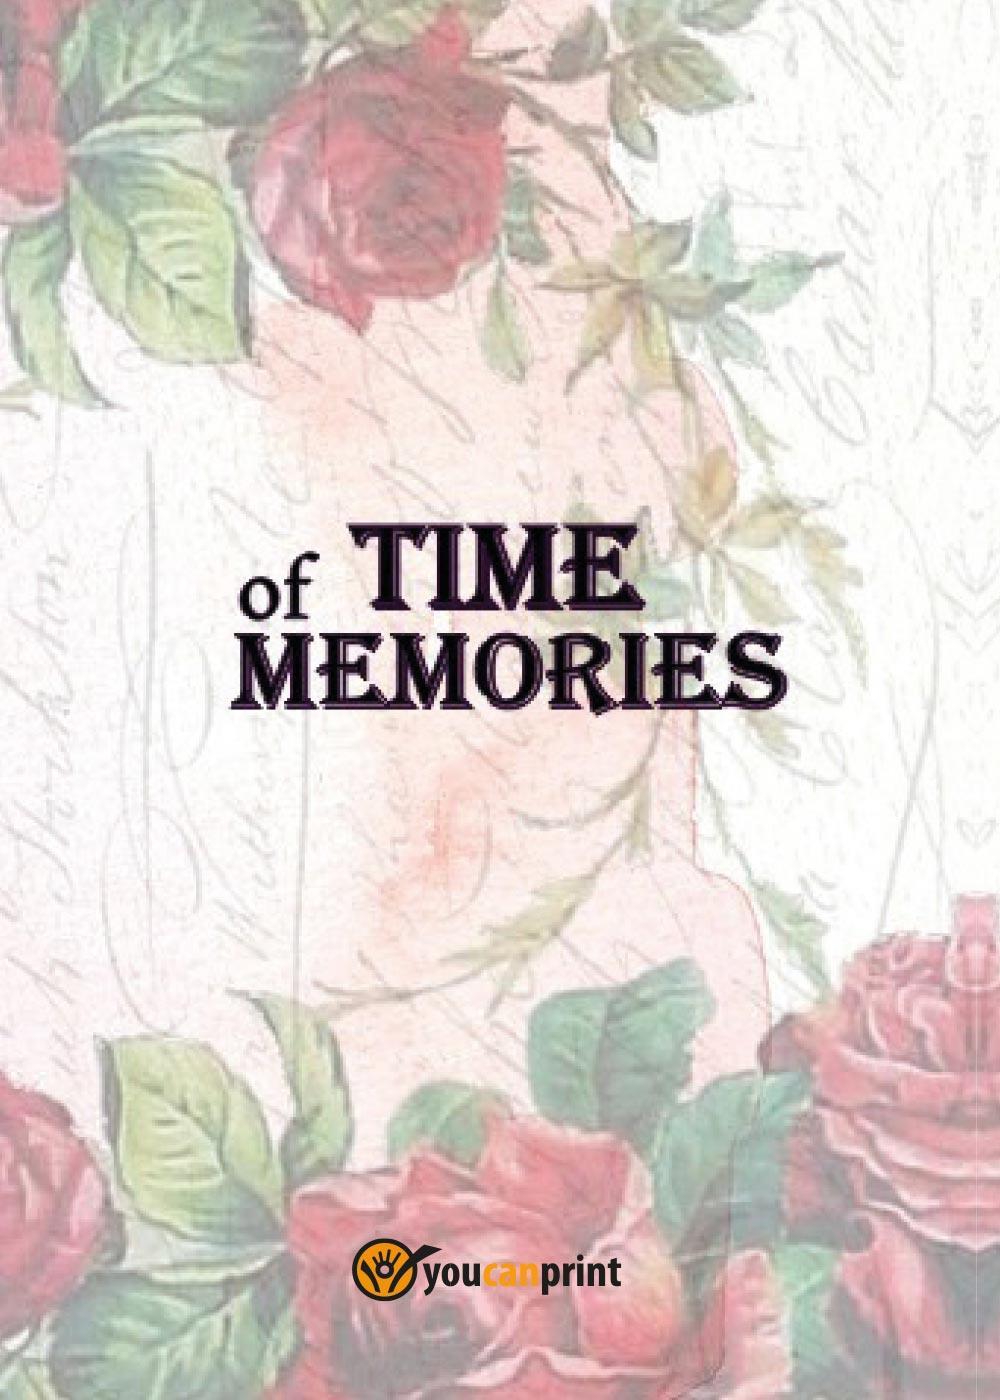 Time of memories